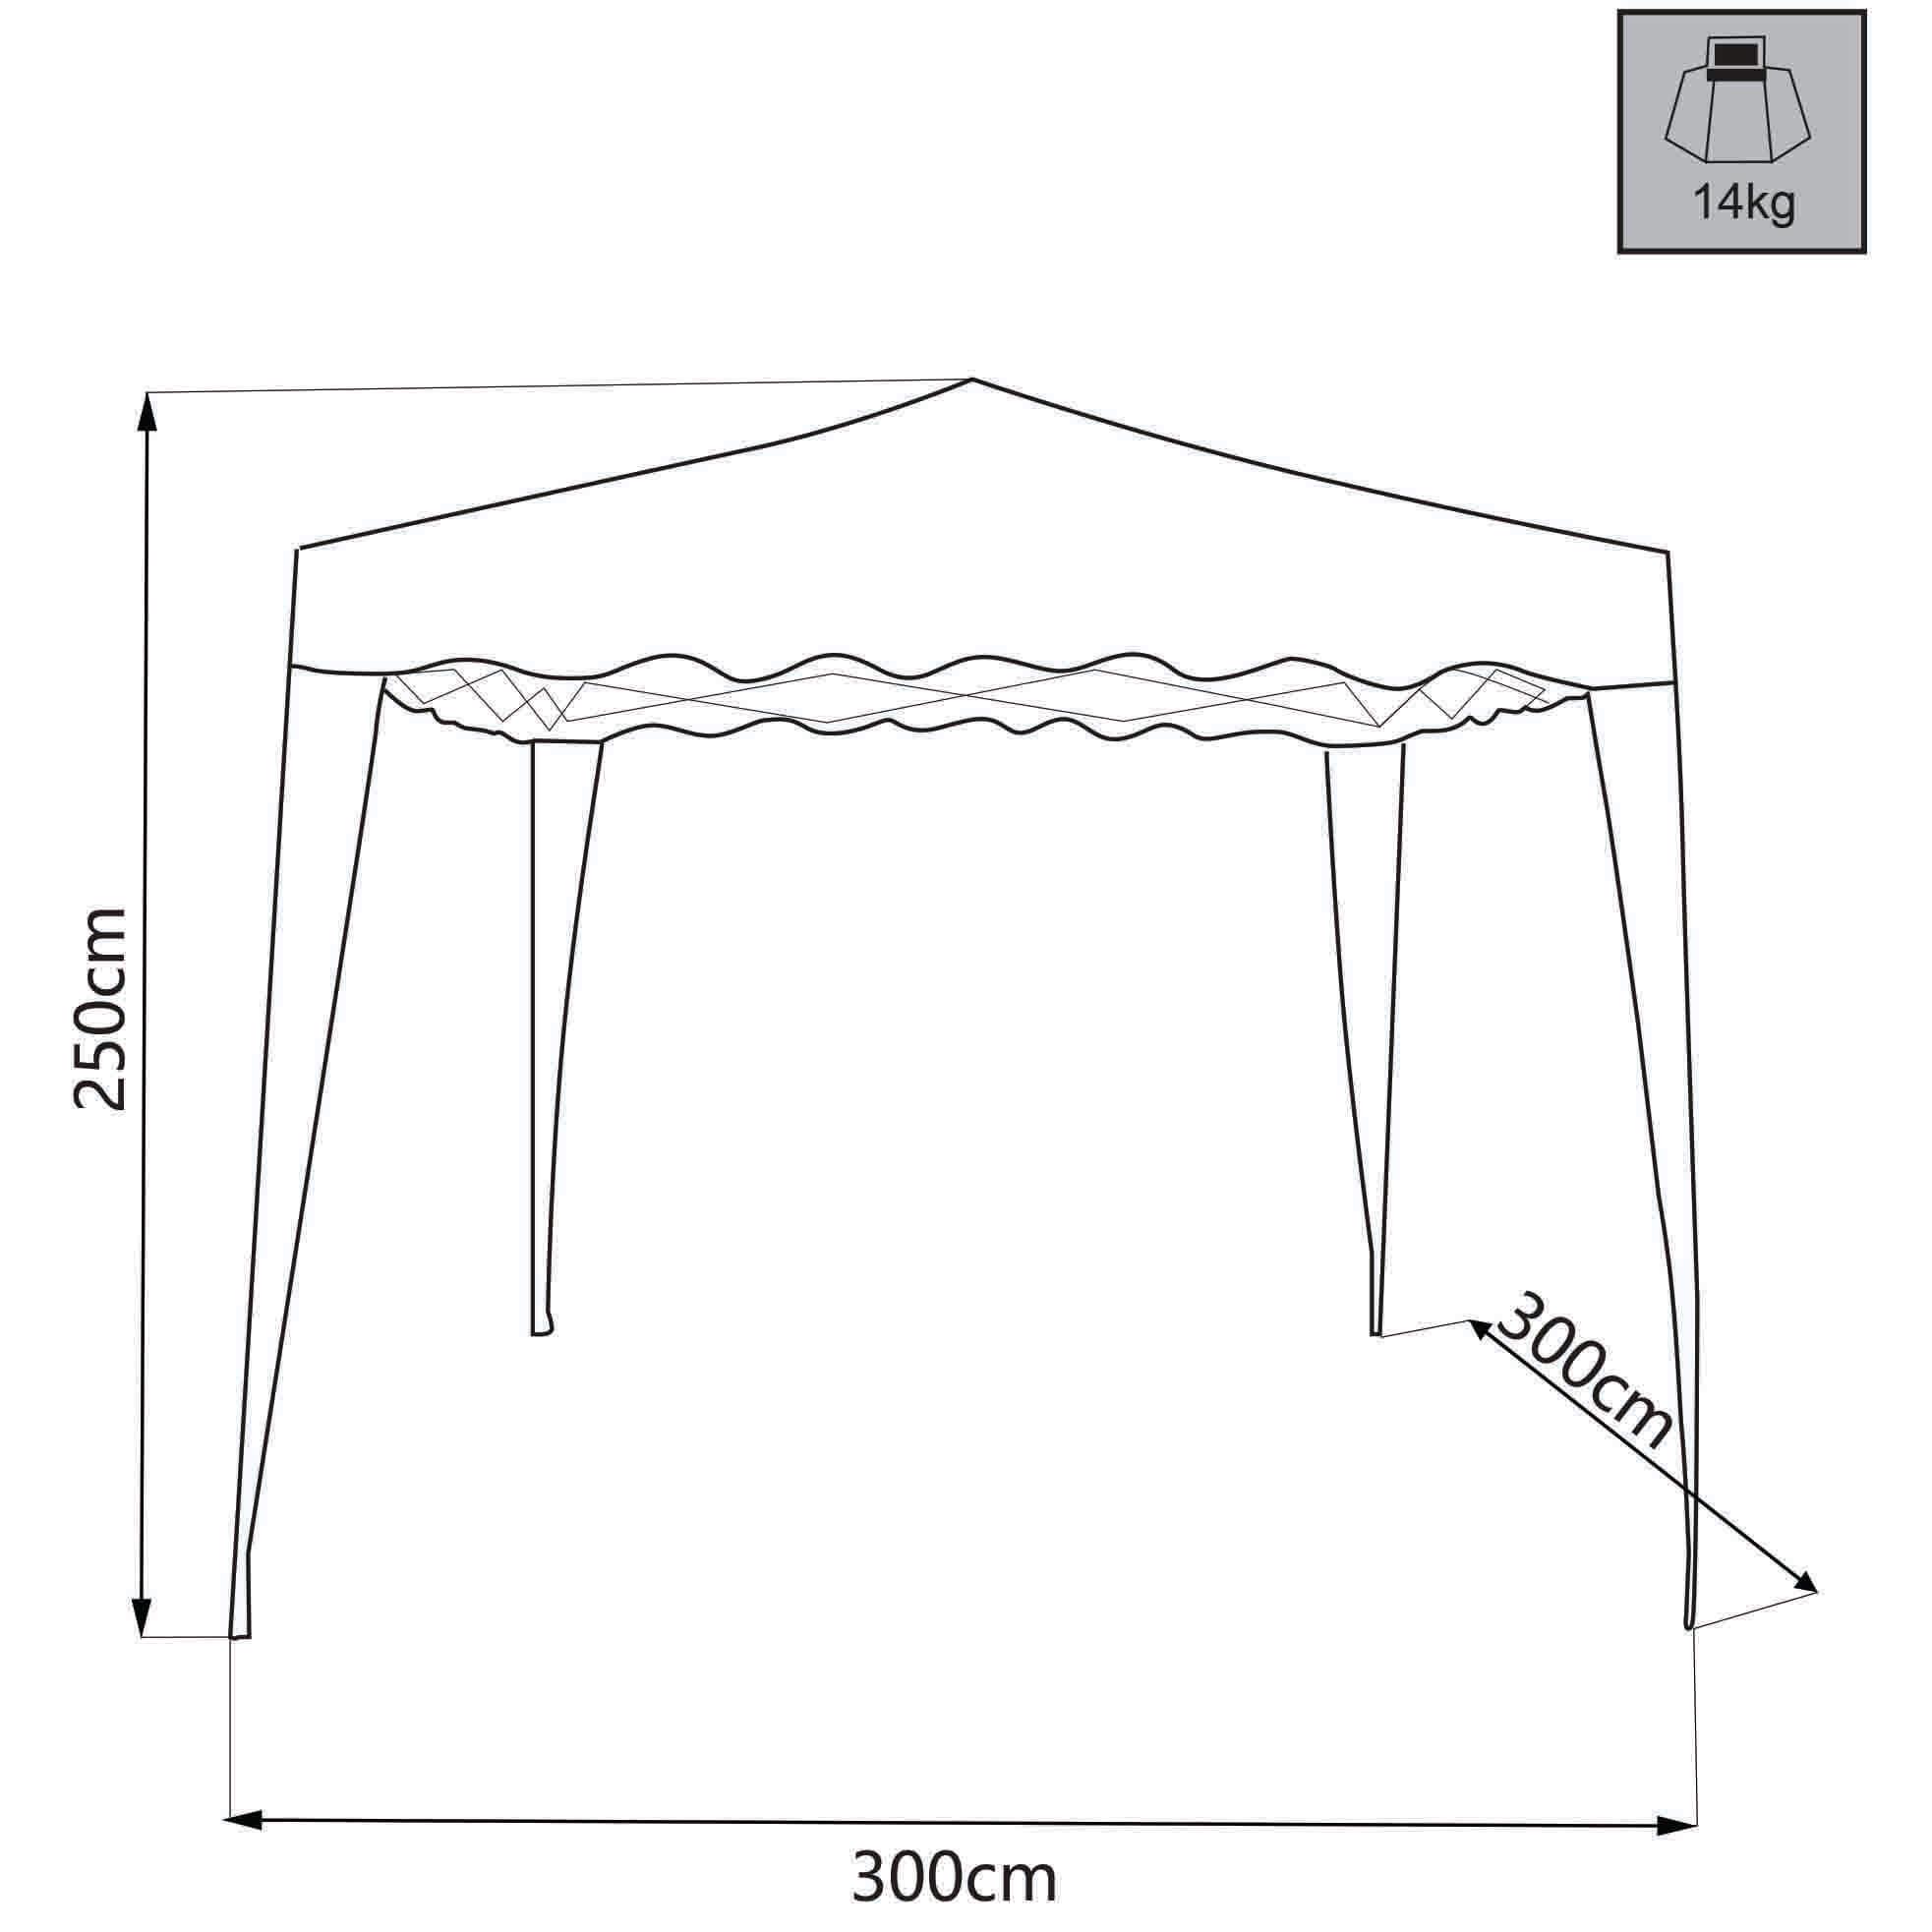 Milani Home HEBES - gazebo pieghevole e richiudibile completo  di sacca protettiva 3 x 3 in metallo